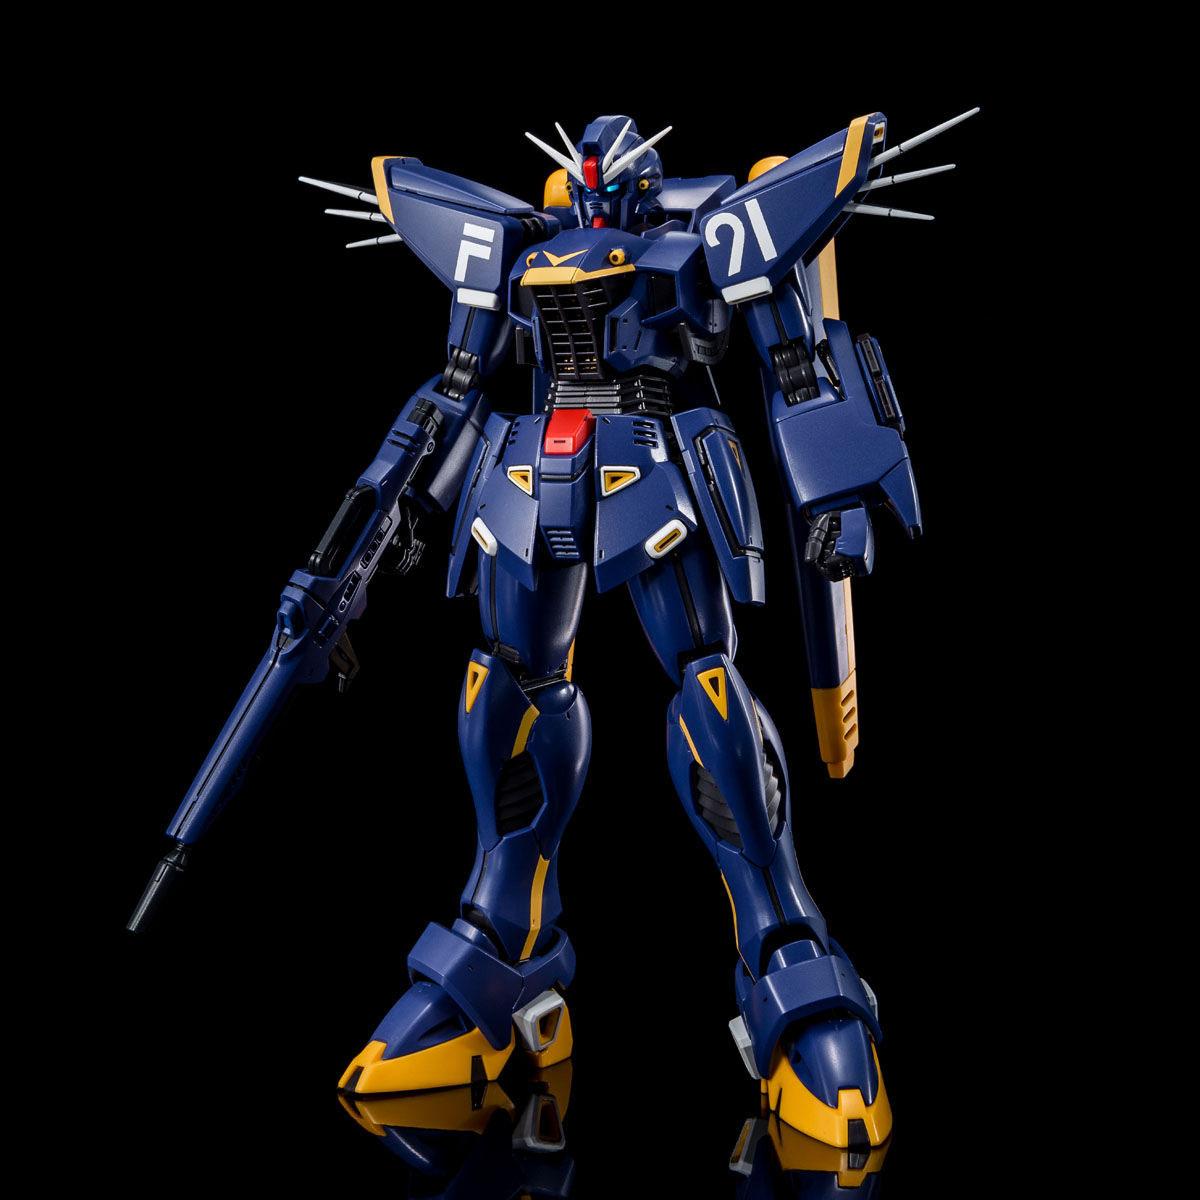 【限定販売】MG 1/100『ガンダムF91 Ver.2.0(ハリソン・マディン専用機)』プラモデル-002